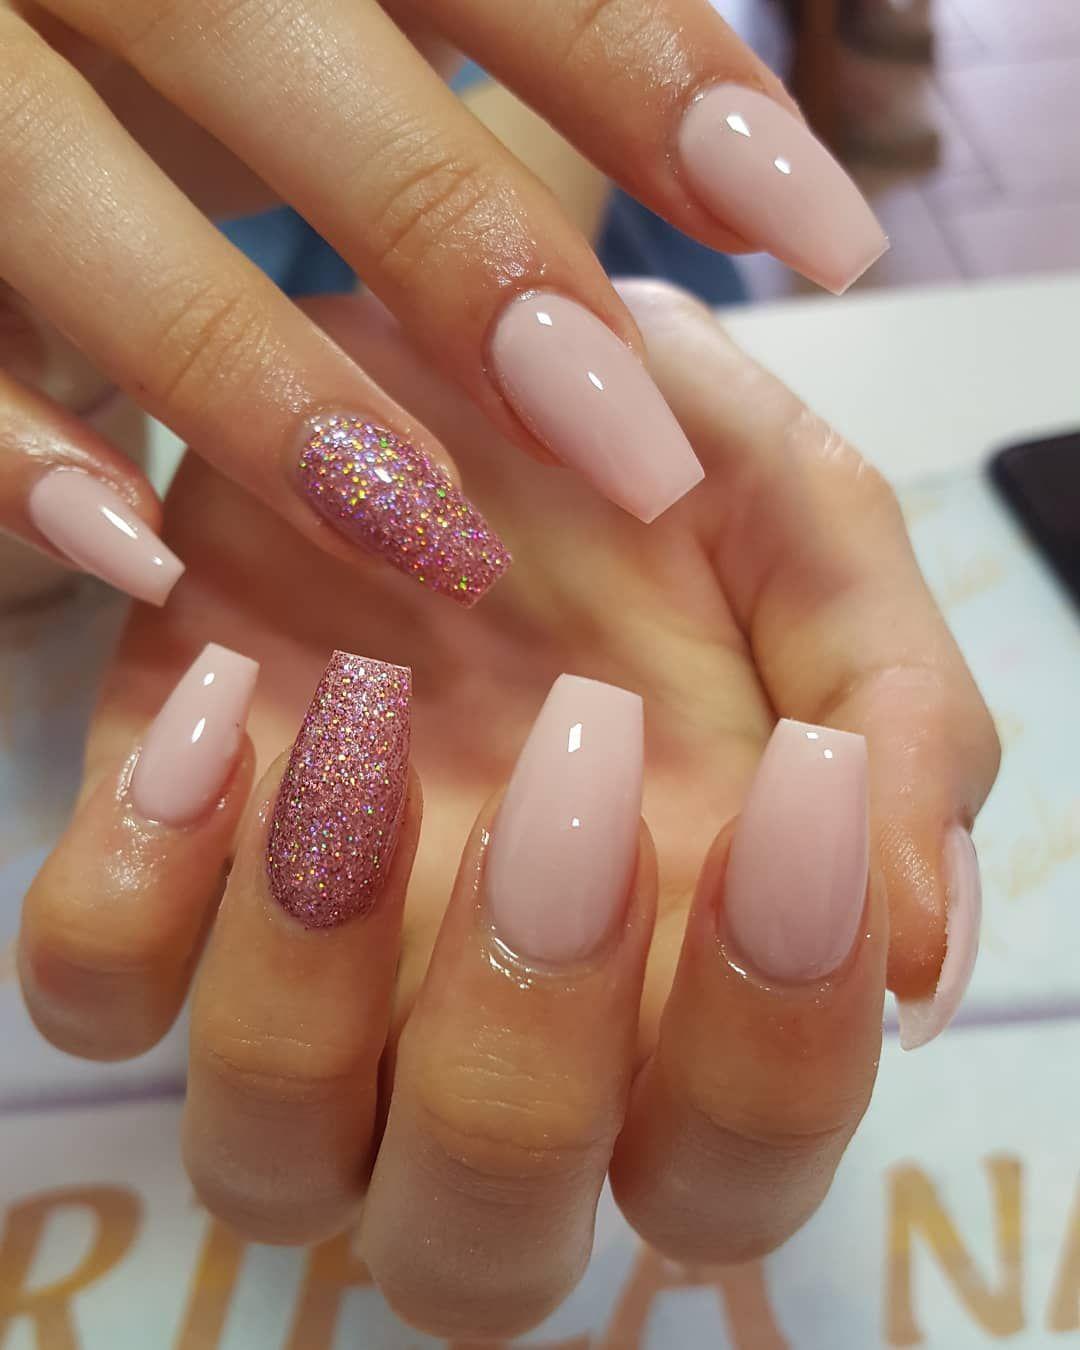 41 Beautiful Nude Nail art design - nail acrylic ,nails #nailart #nails #manicure #nail